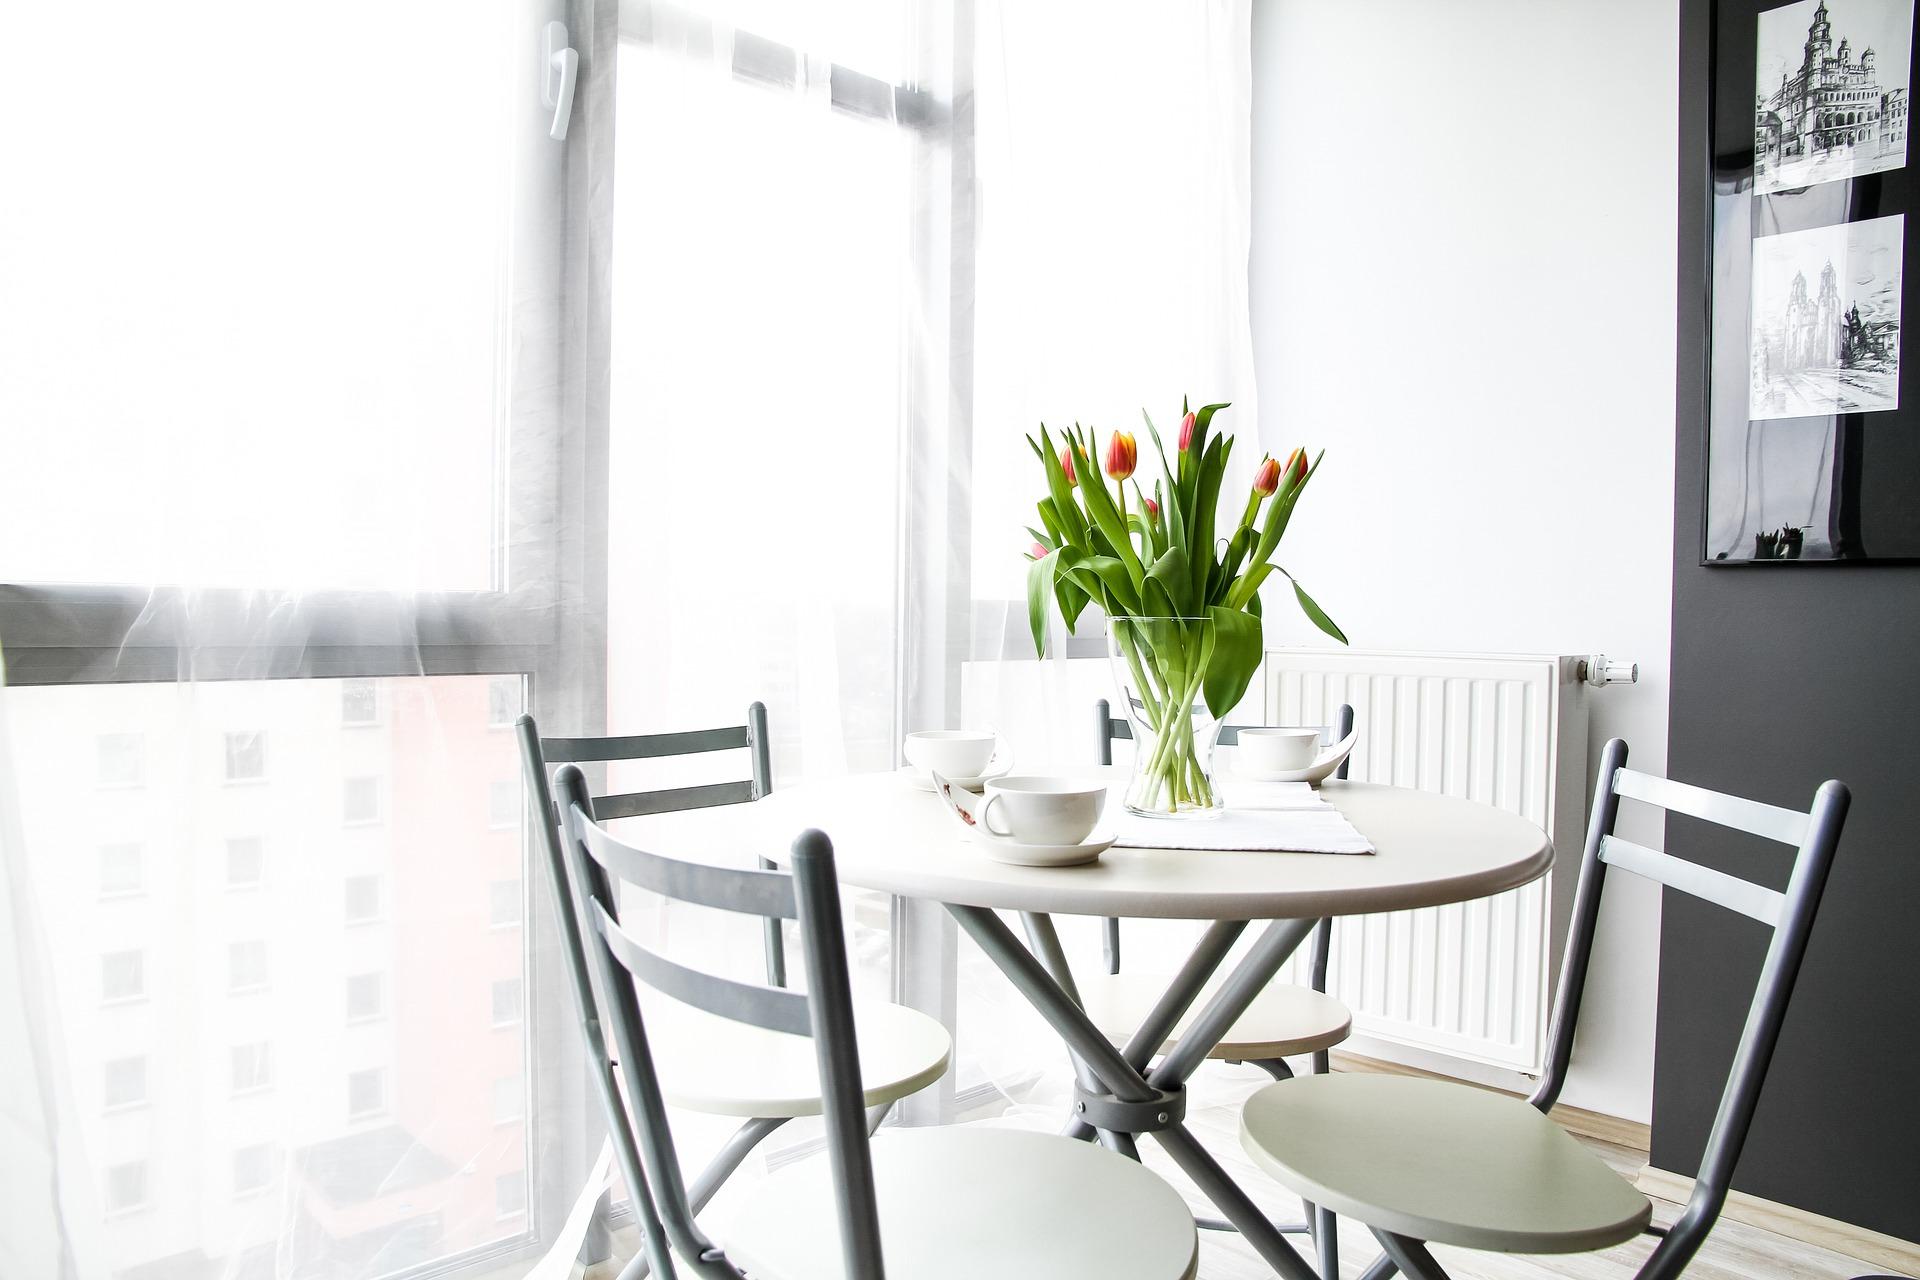 Copertina articolo Come scegliere una casa in affitto senza incorrere in errori?